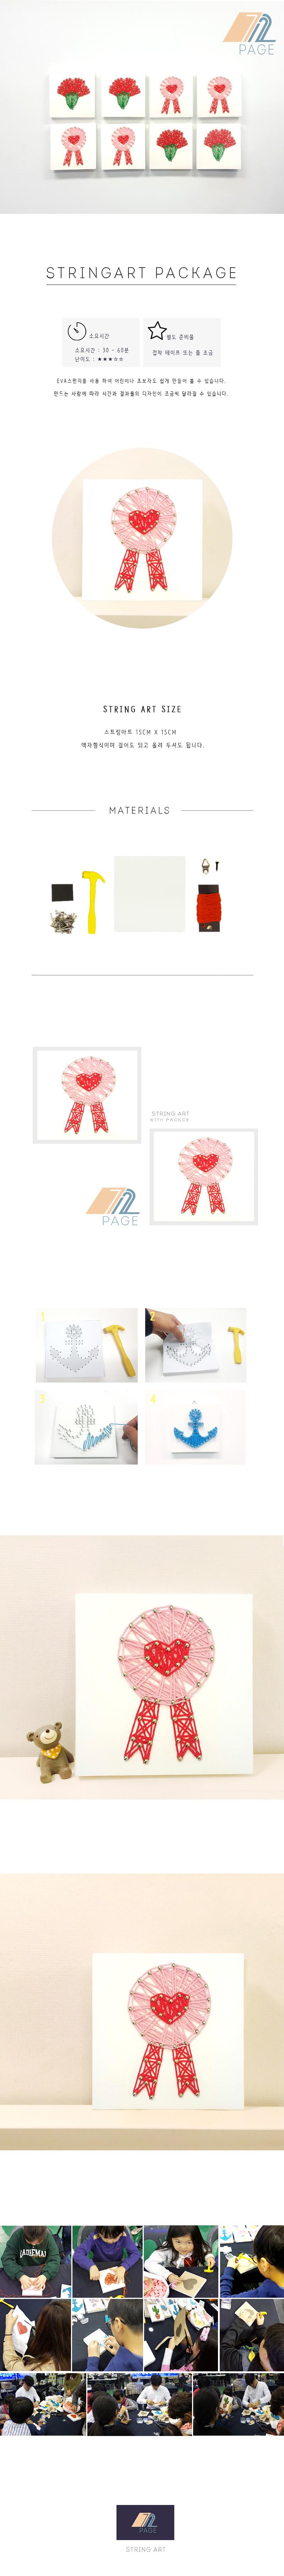 꼬마 하트 카네이션 스트링아트 만들기 패키지 DIY (EVA) - 72페이지, 8,000원, DIY그리기, 스트링아트